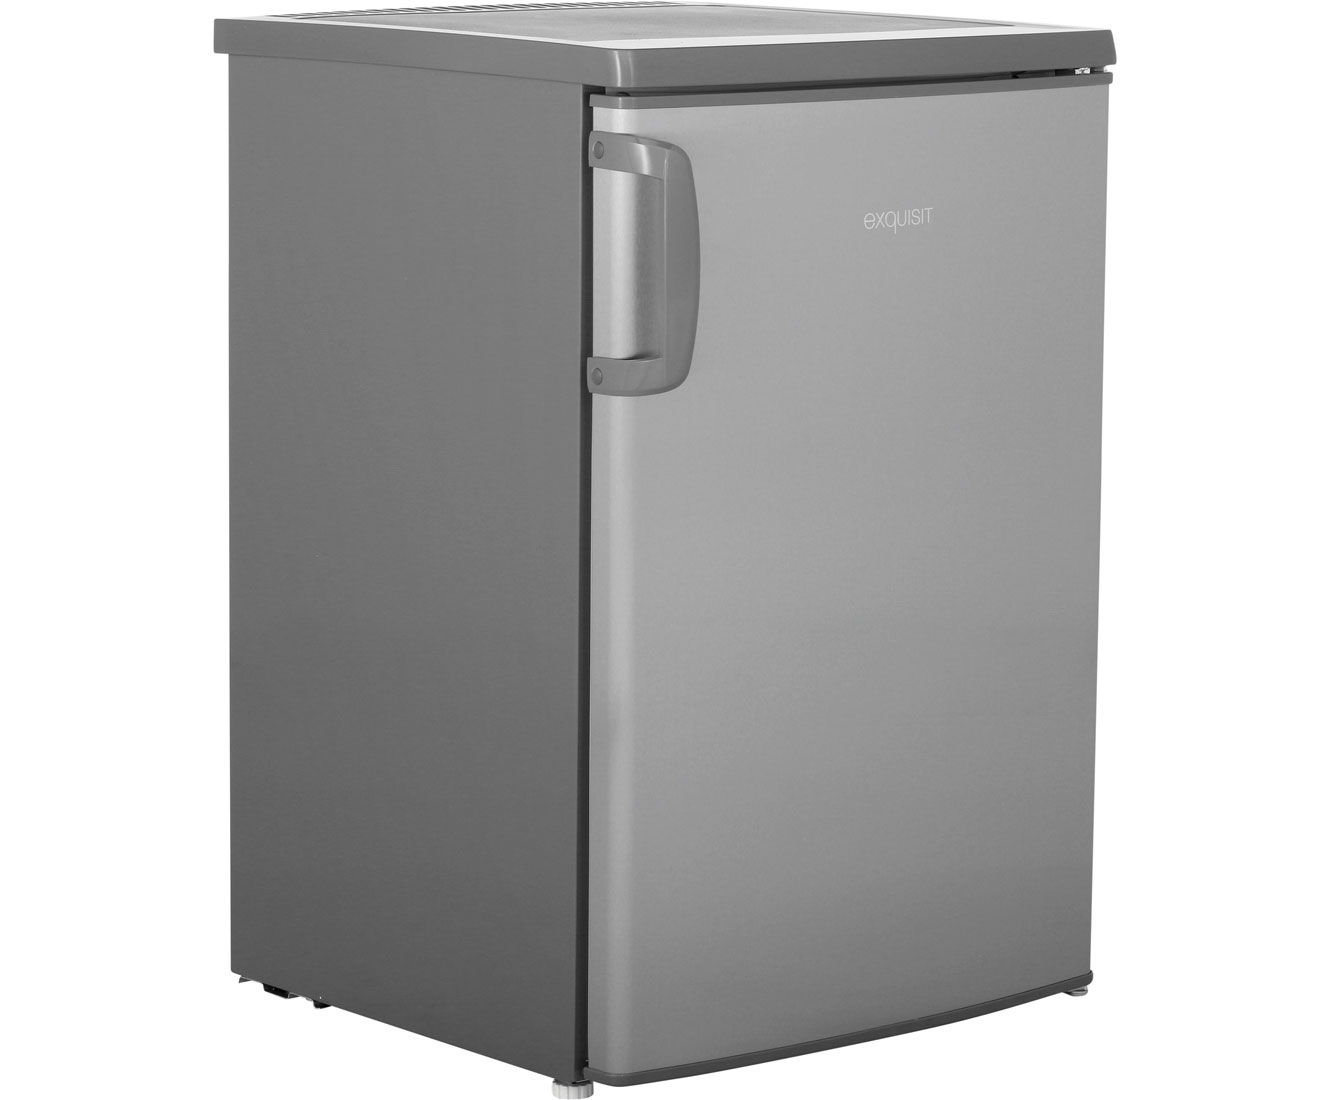 kundenbewertungen exquisit ks 15 5 a kühlschrank edelstahl